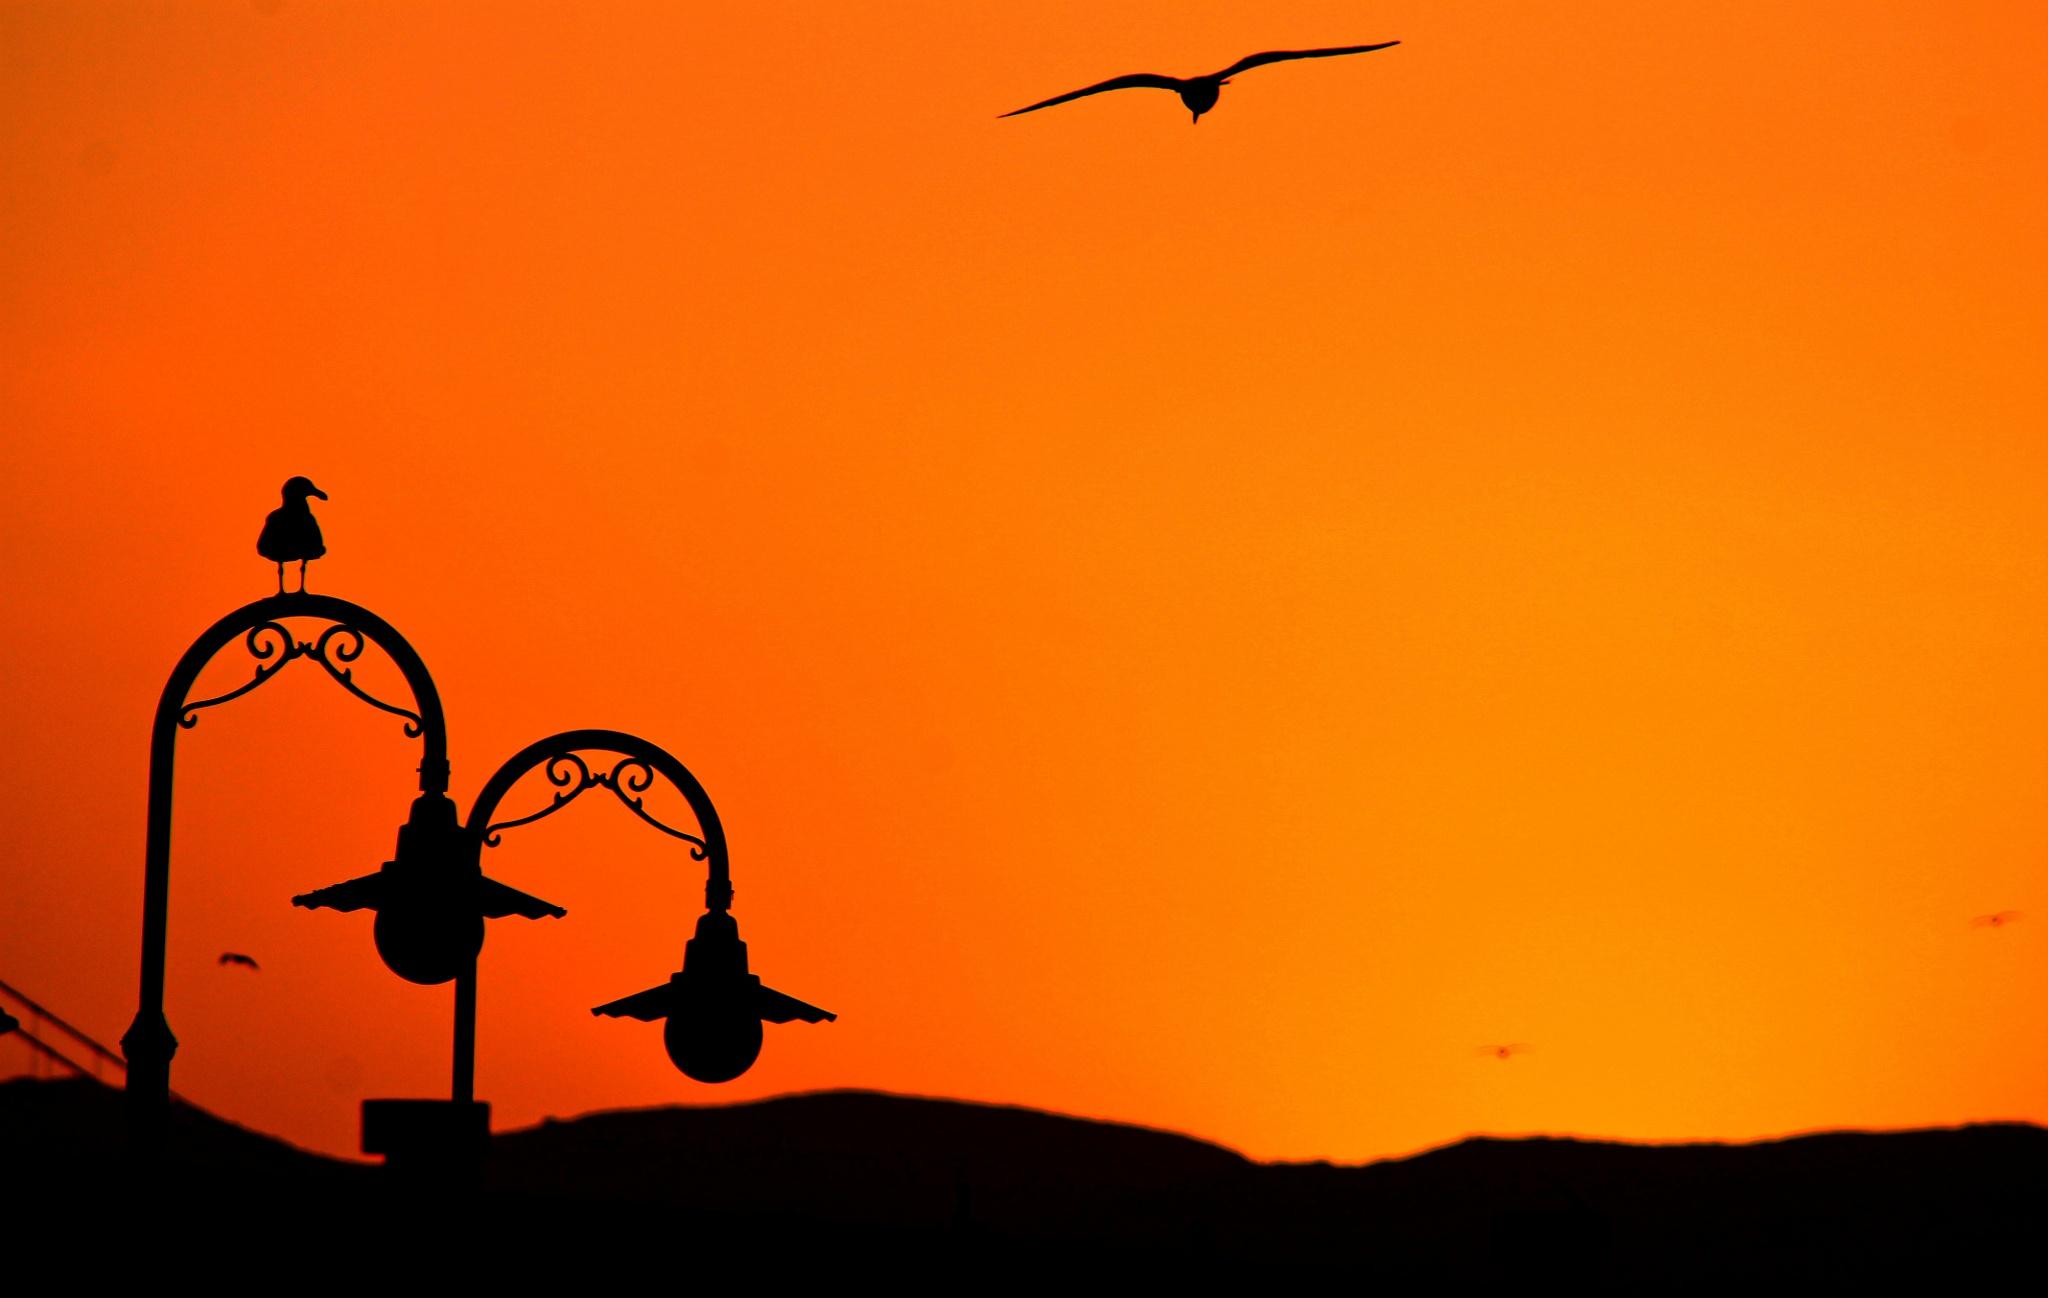 Sunset flight by Tyzin